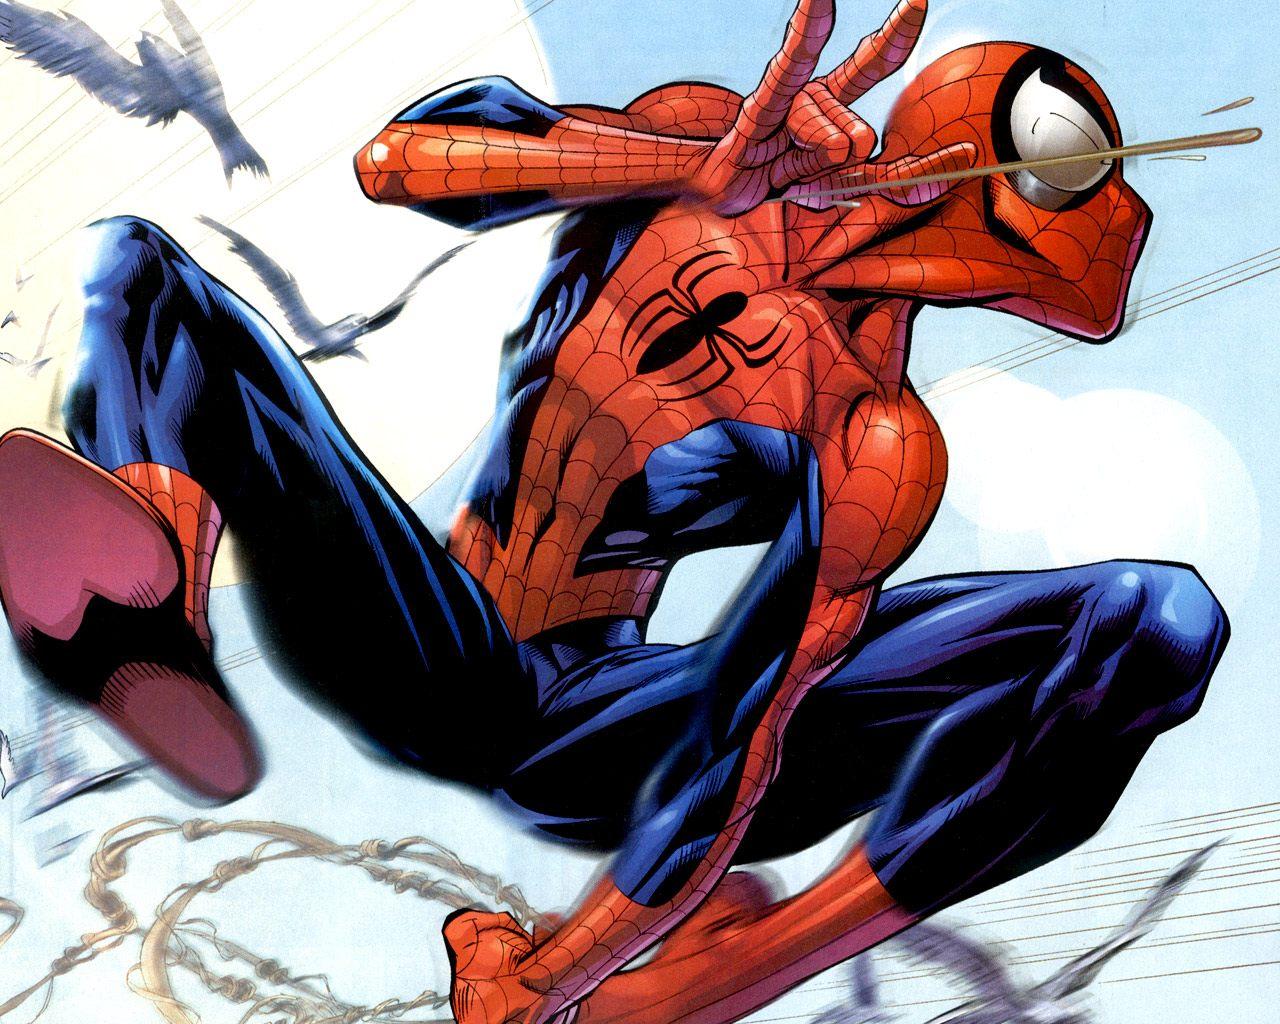 Desenho Hd Do Homem Aranha Fotos E Imagens